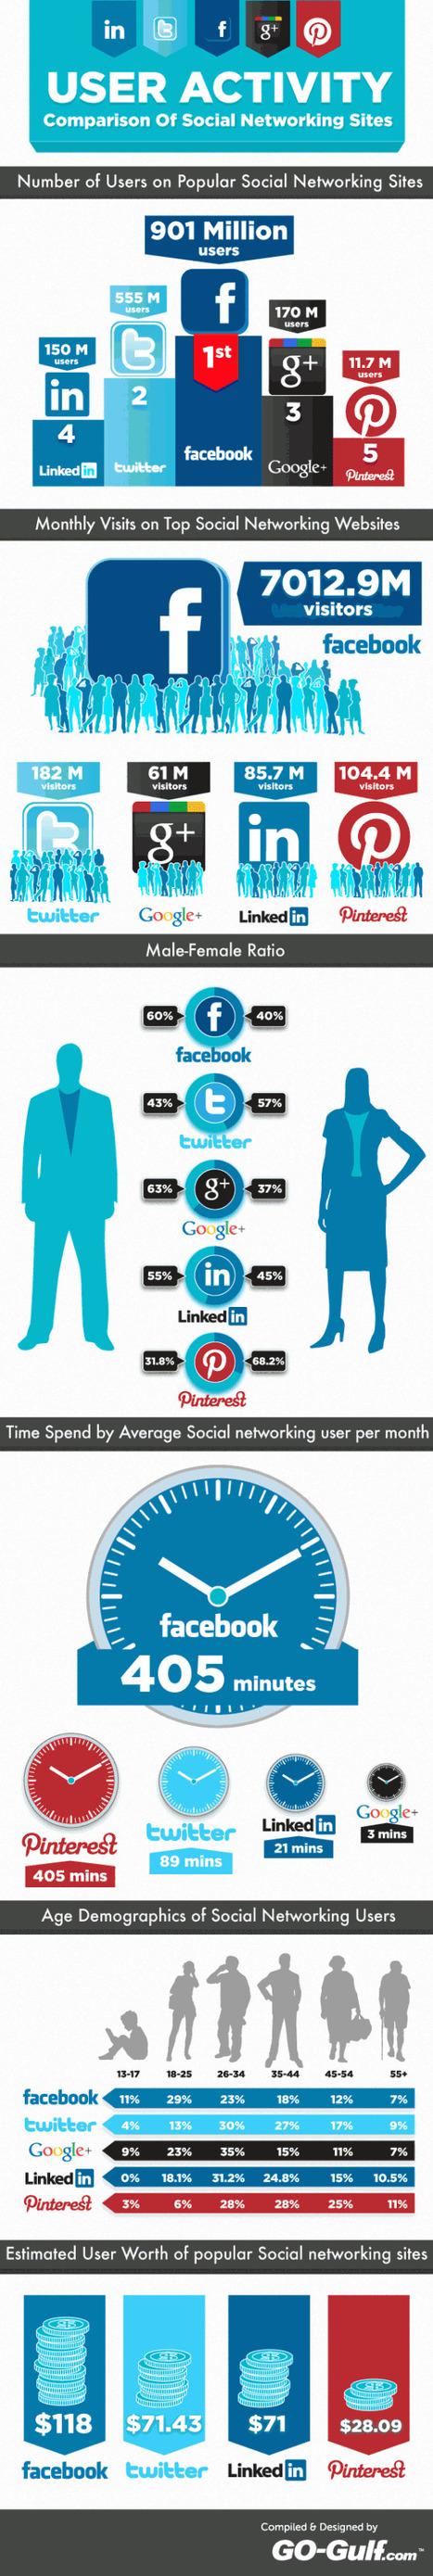 Comparaison des médias sociaux selon l'activité de leurs membres - Christophe Lefevre. | Communiquer sur le Web | Scoop.it